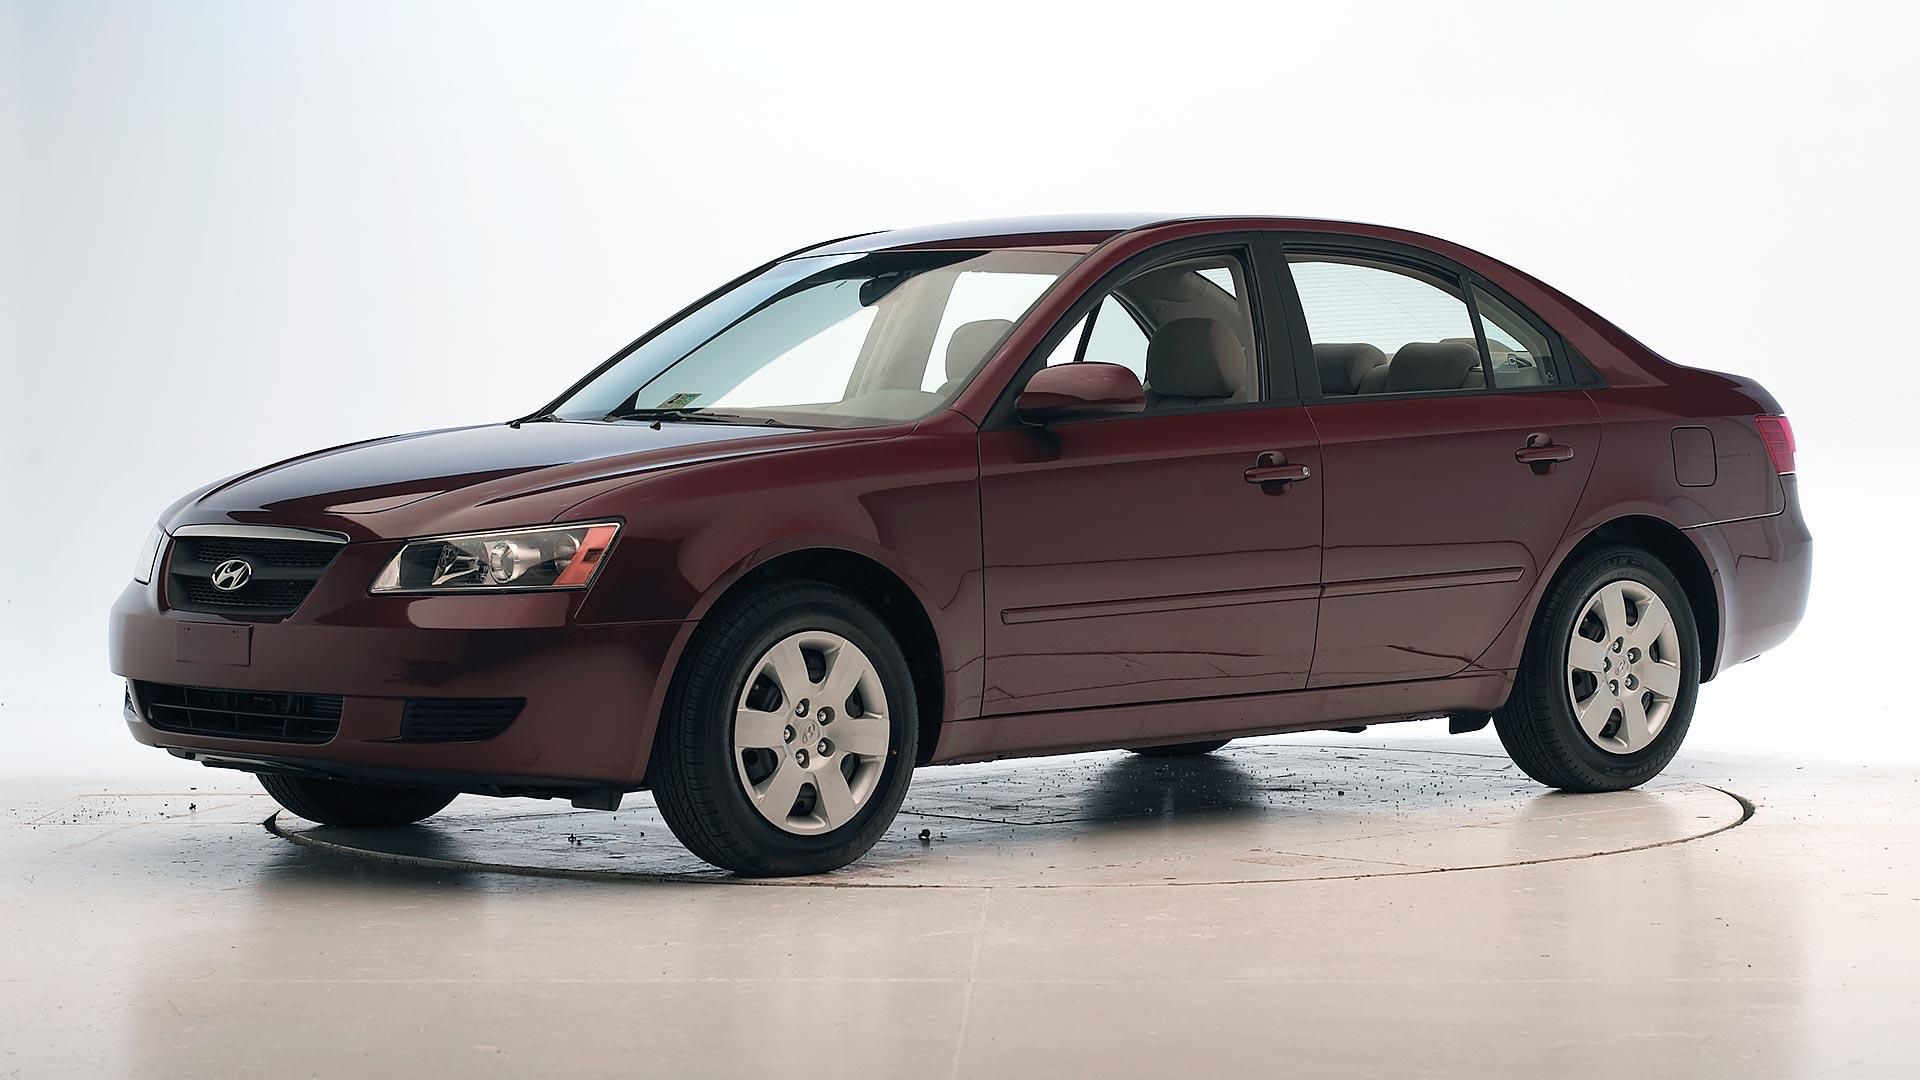 2008 Hyundai Sonata 4 Door Sedan